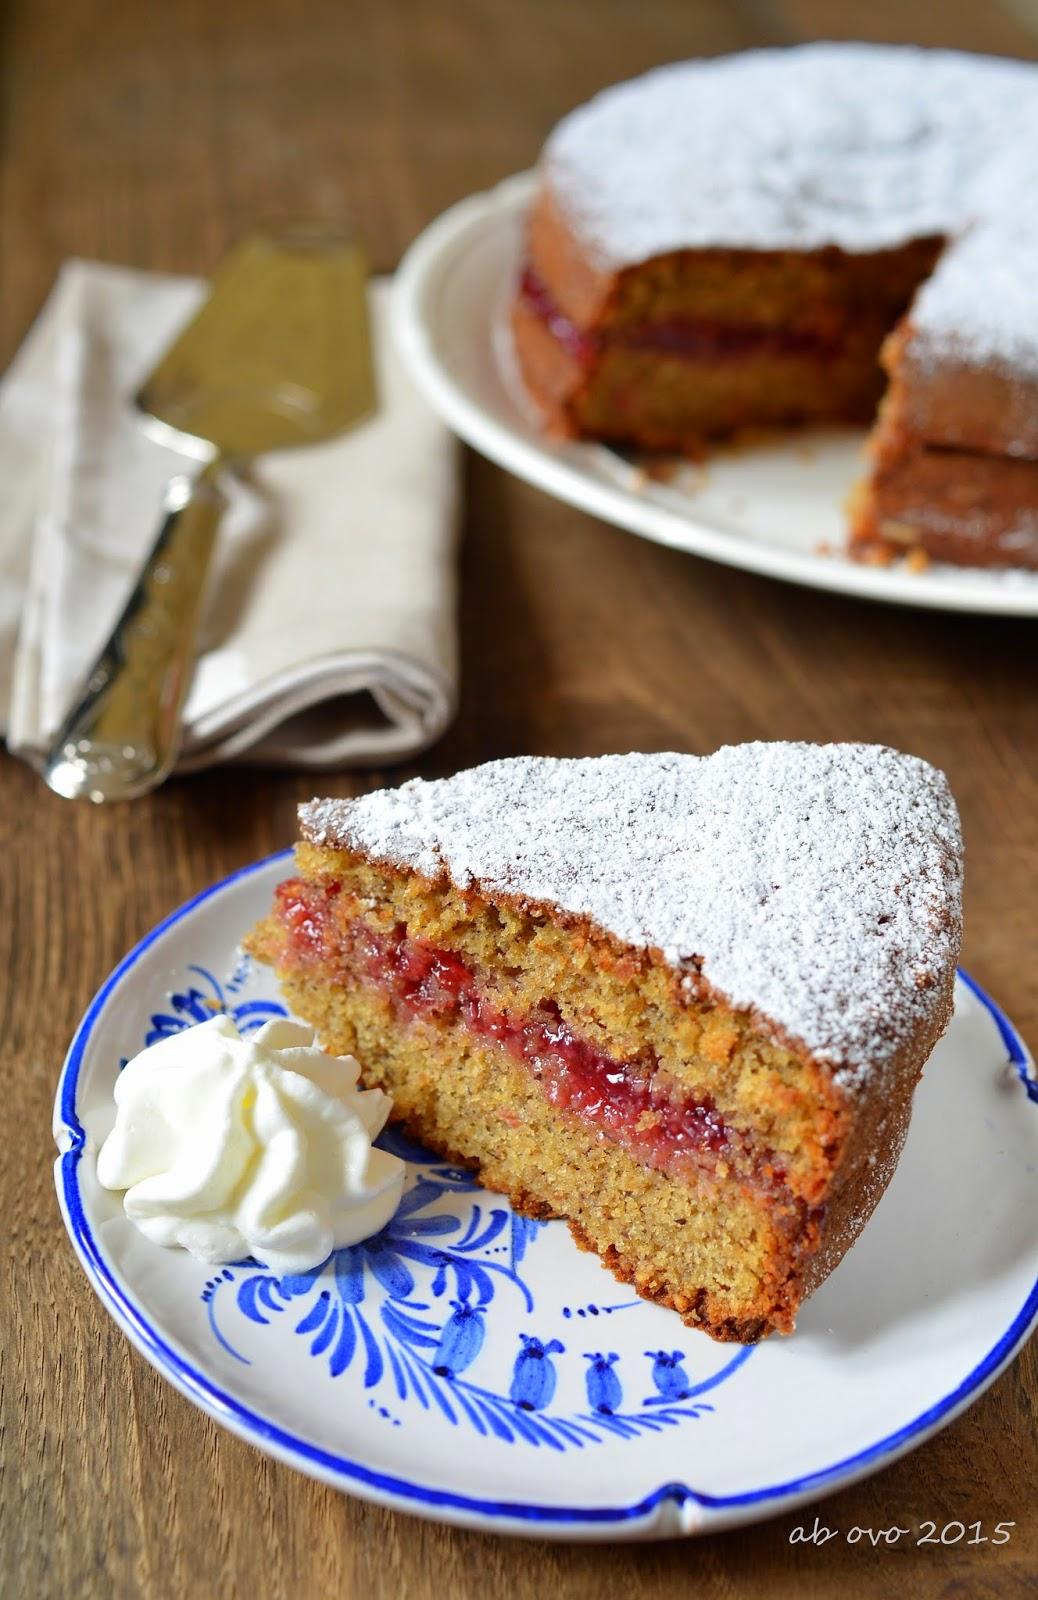 Torta altoatesina di grano saraceno con confettura di mirtilli rossi